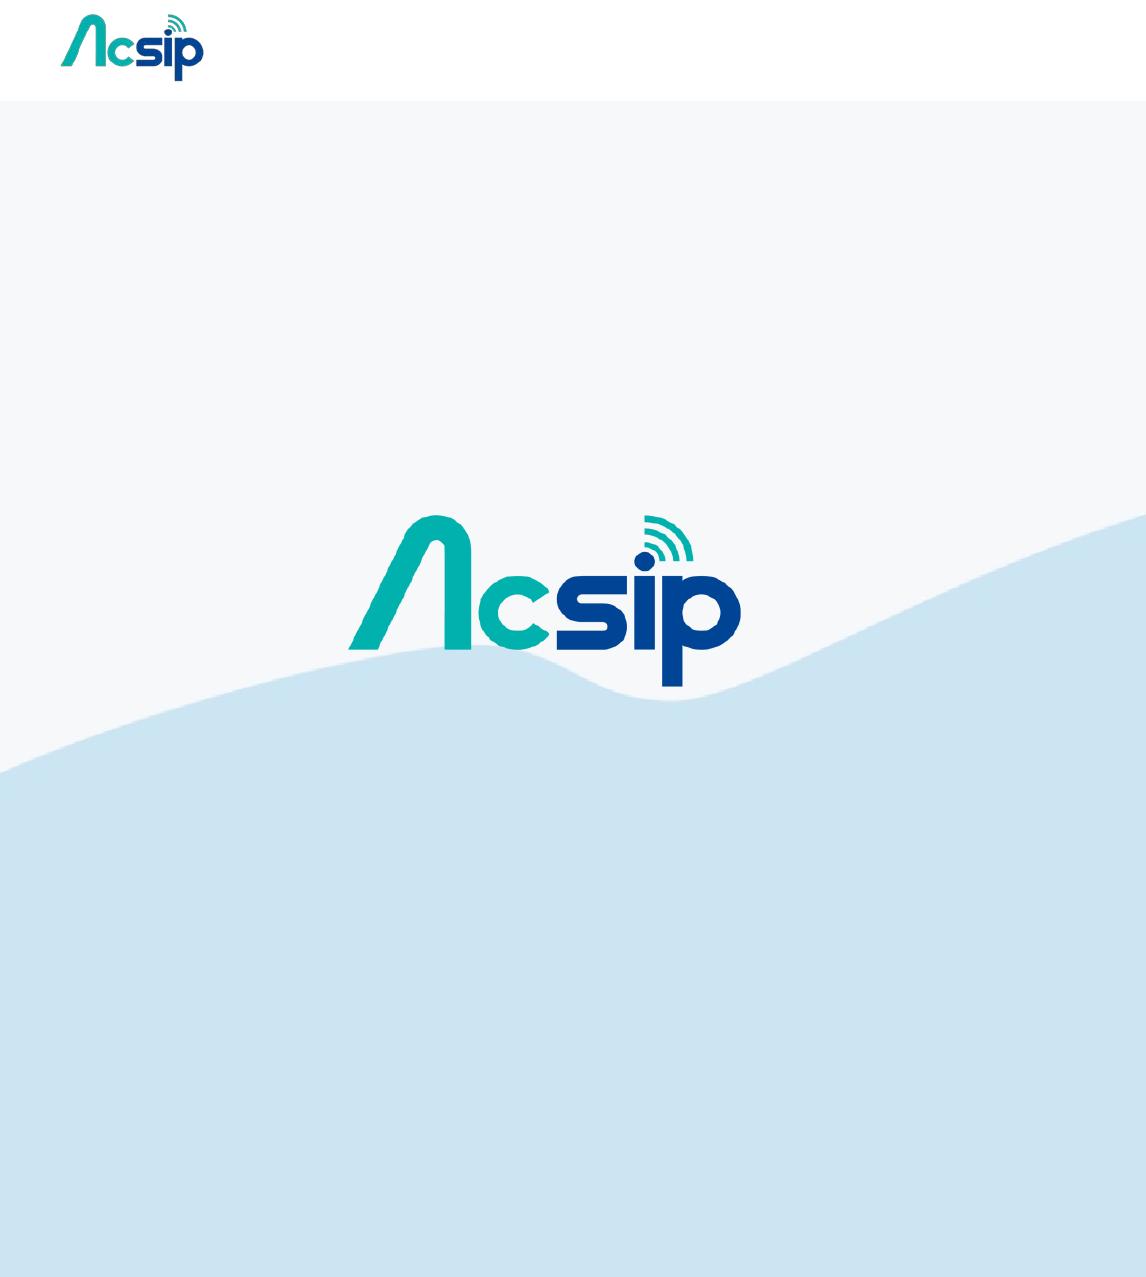 AcSiP Technology AI7688H 802 11b/g/n IoT Module User Manual